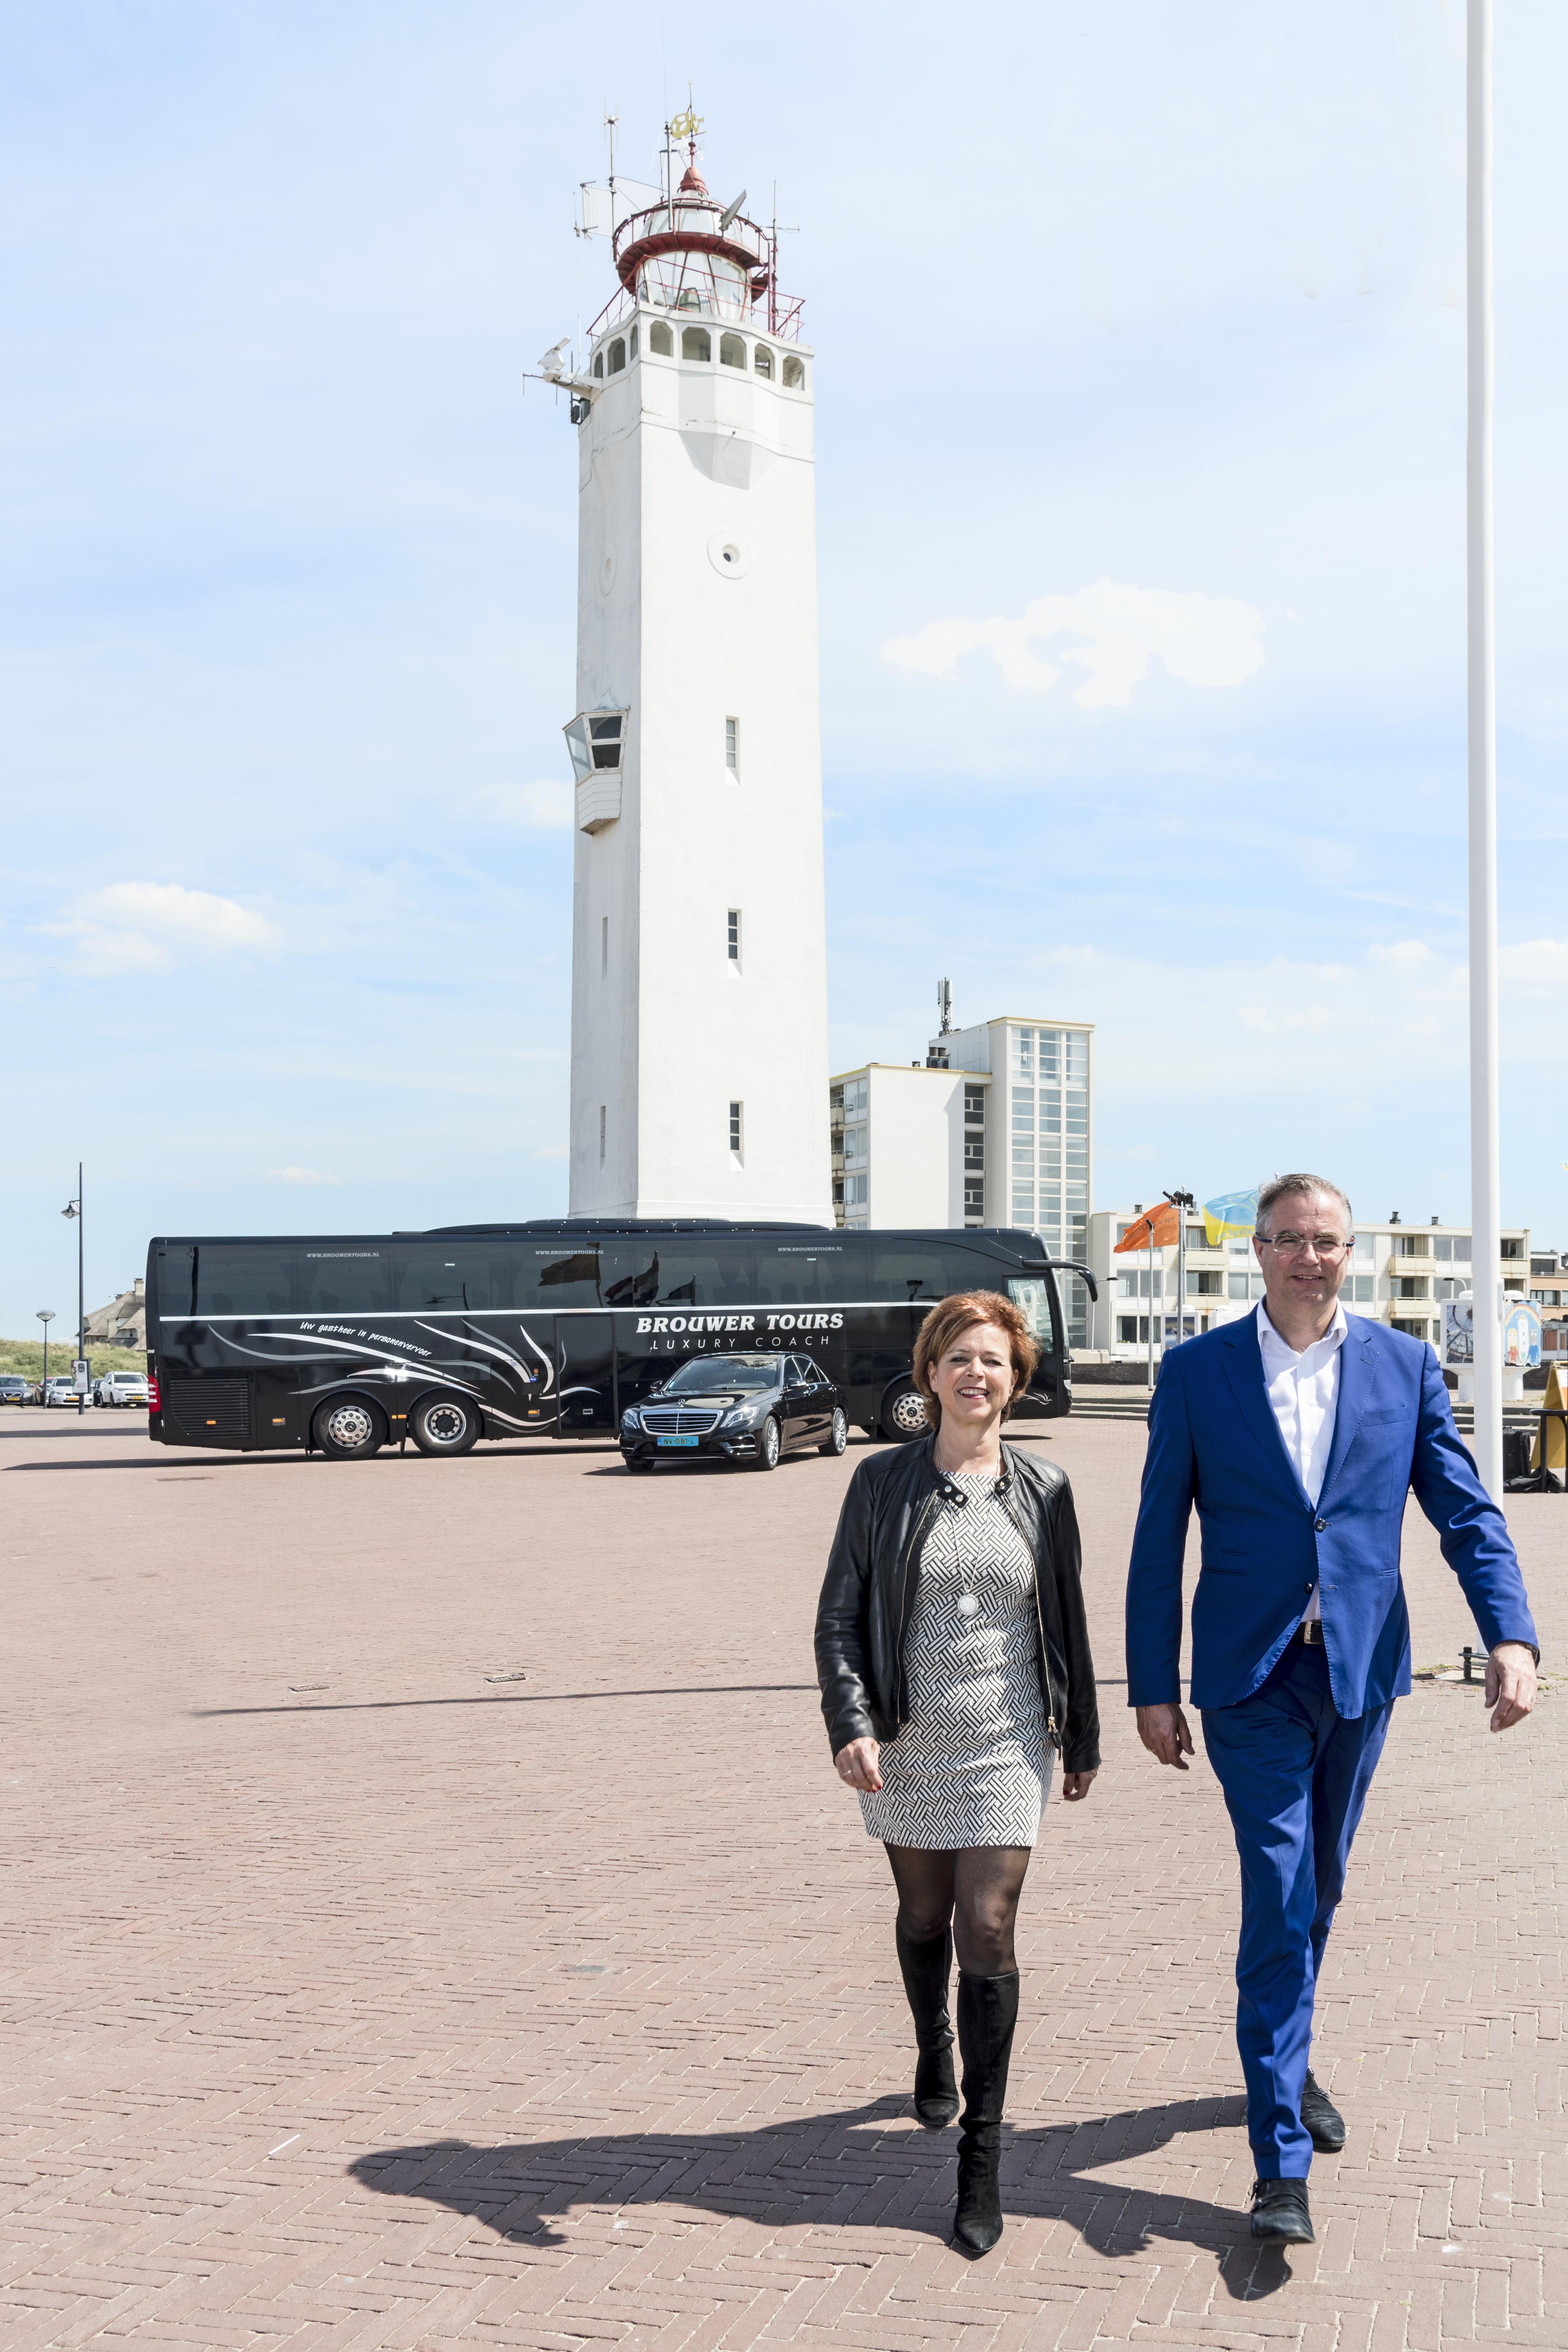 Brouwer Tours in Noordwijk slaat nieuwe wegen in: 'Vorige week was ons parkeerterrein voor het eerst weer leeg'